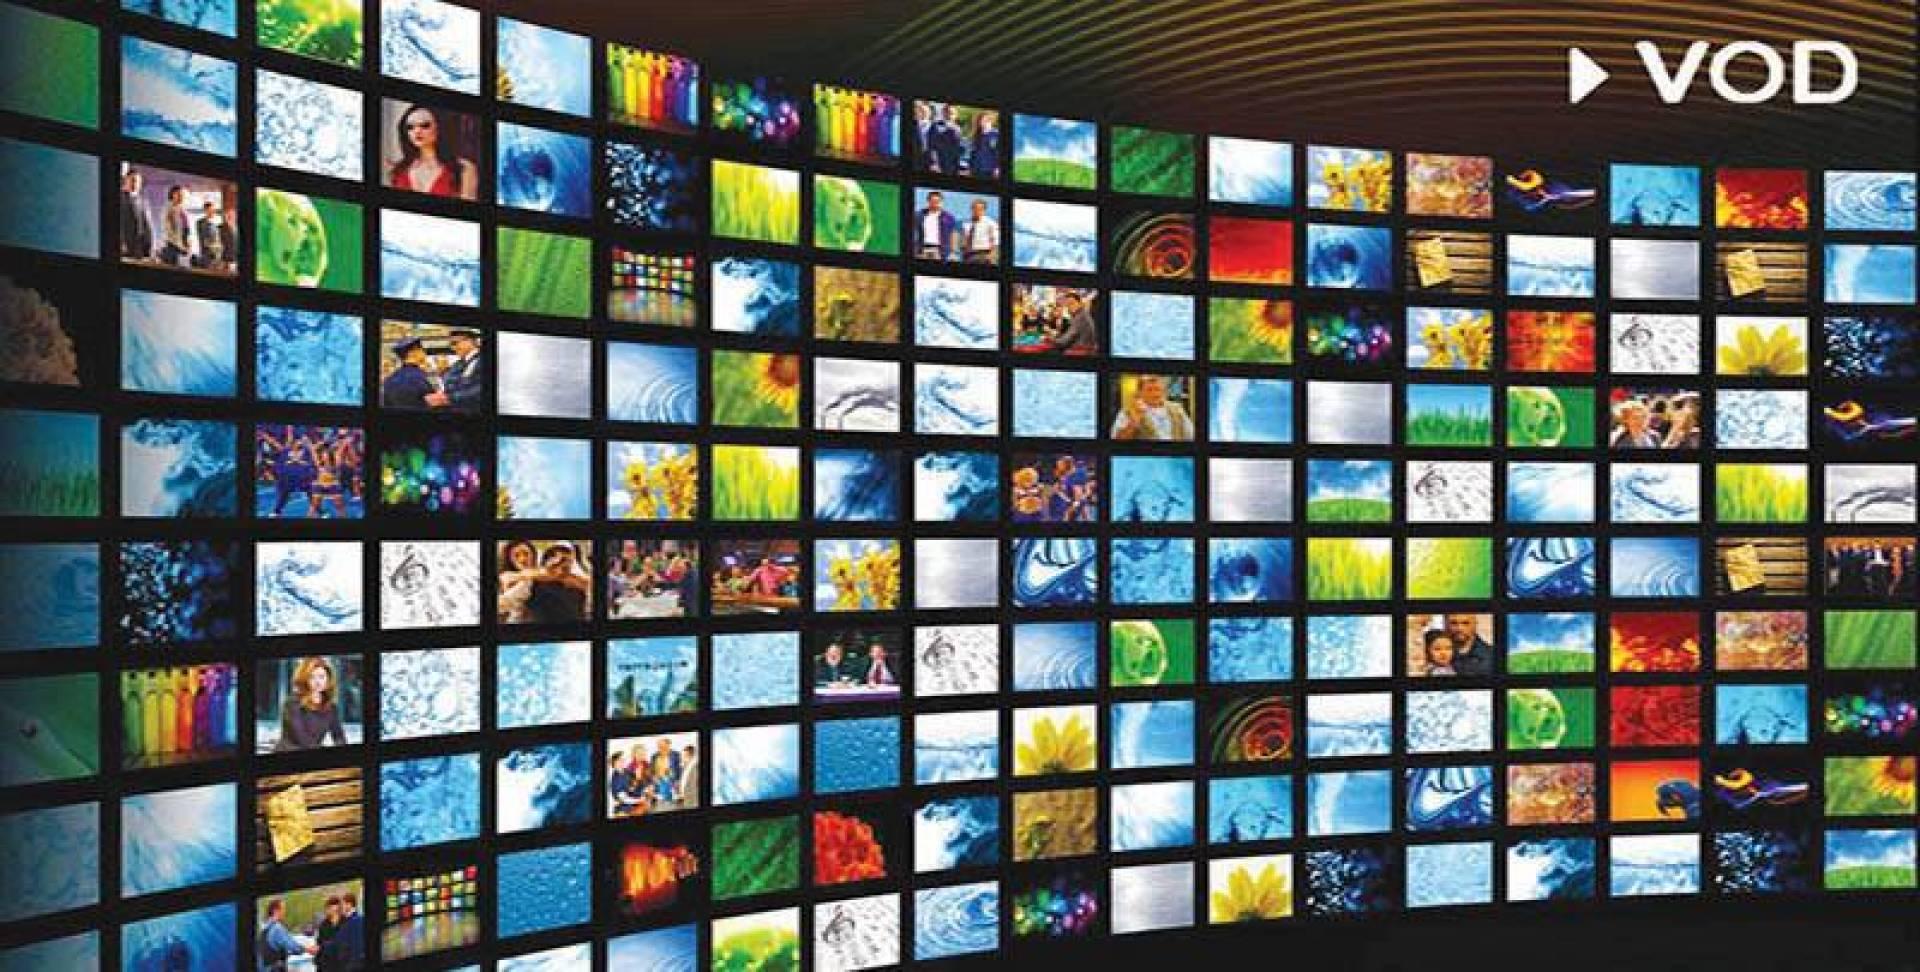 «تقنية VOD» خيار لإنقاذ السينما في فرنسا